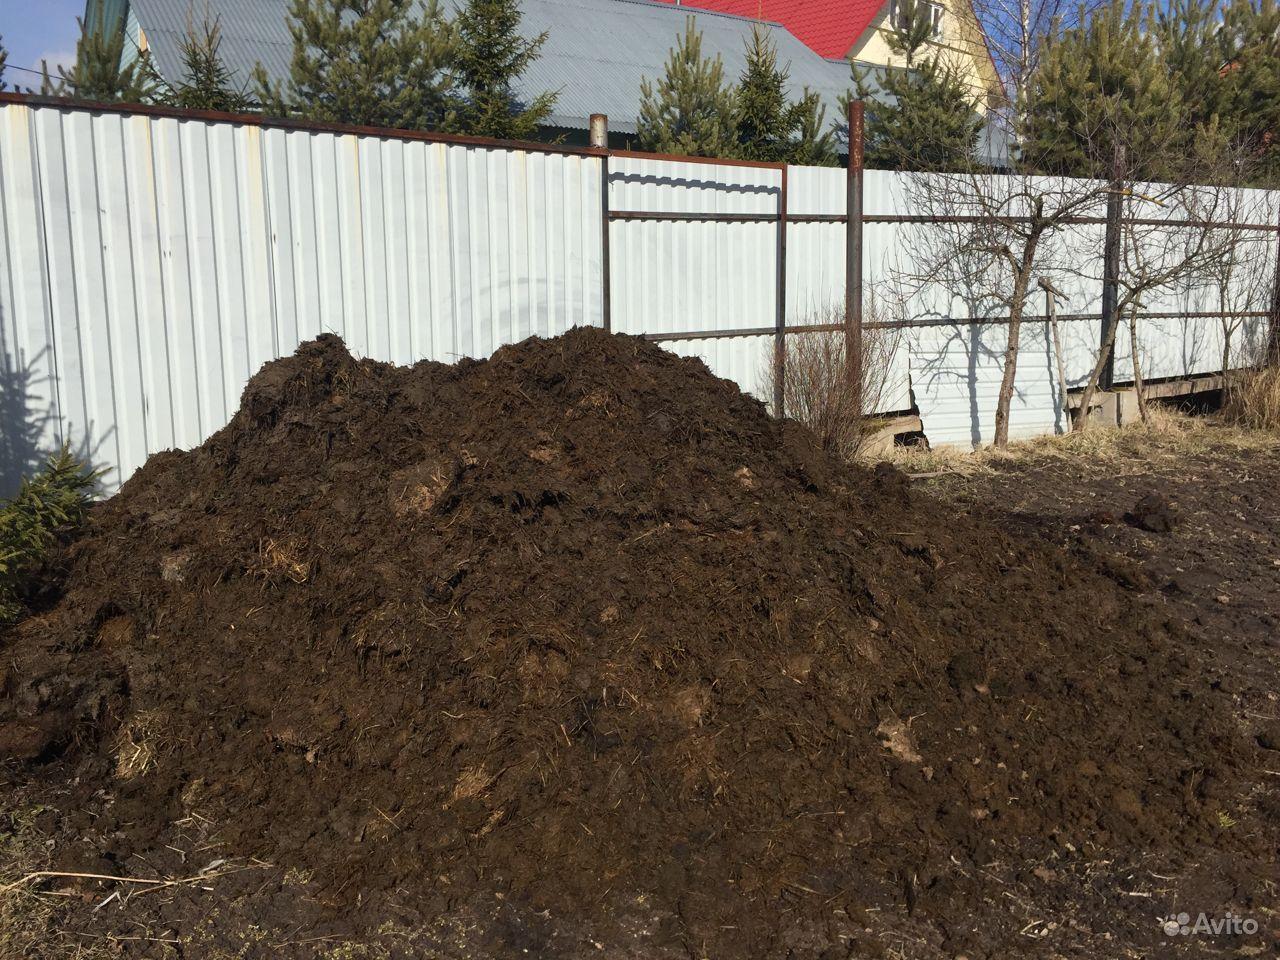 Продам землю плодородную,песок,Щебень,навоз коровя купить на Вуёк.ру - фотография № 4